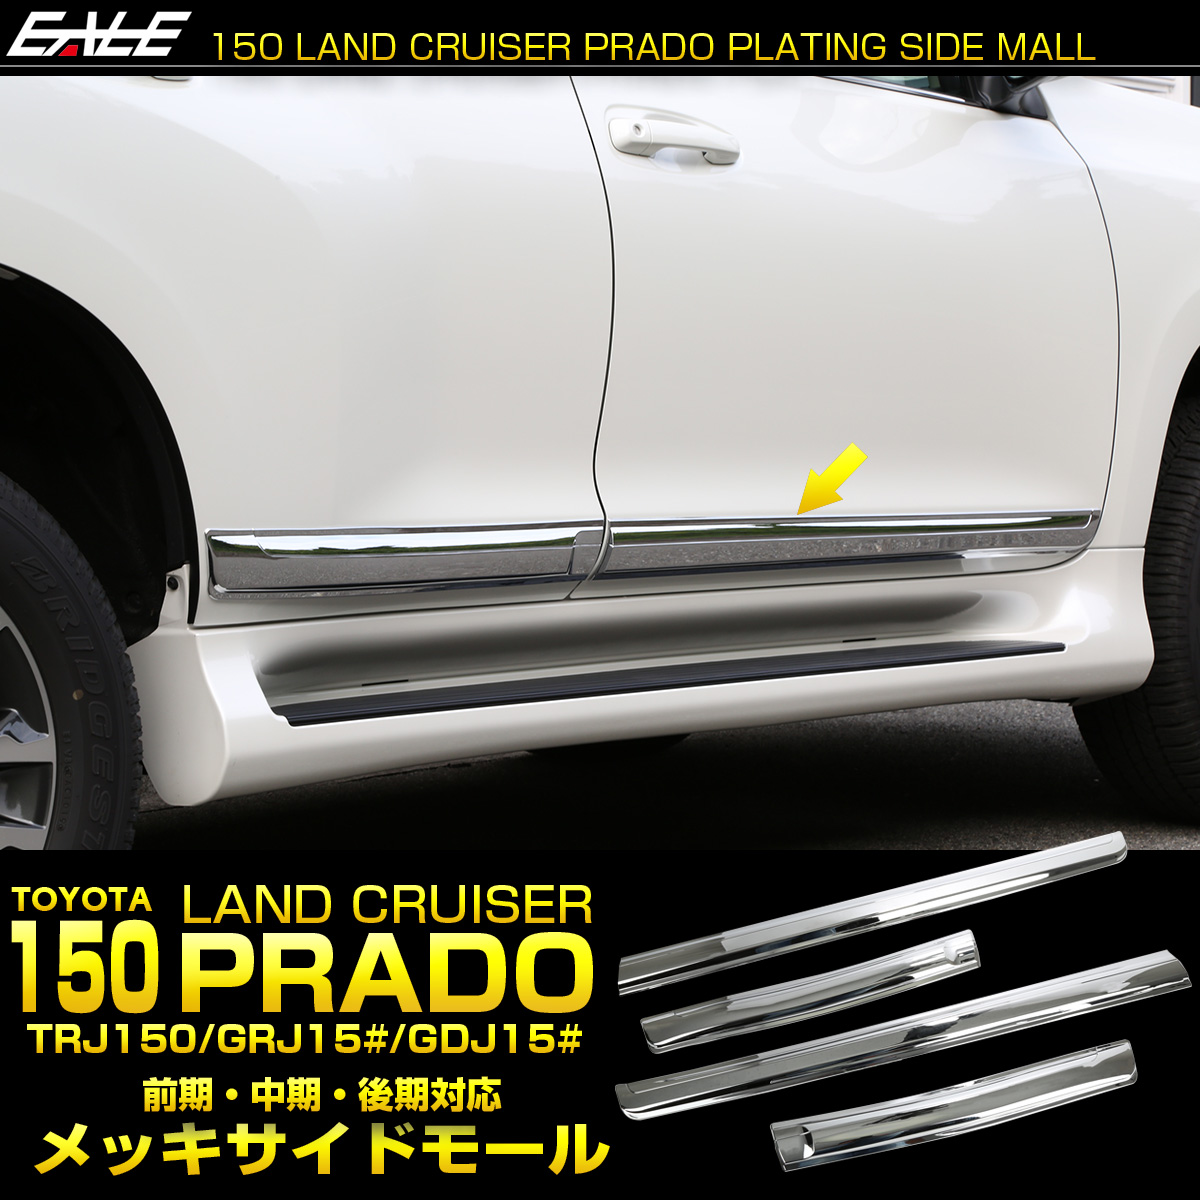 150系 プラド ドア メッキ サイドモール 前期 中期 後期対応 メッキパーツ ドアガーニッシュ LB0036